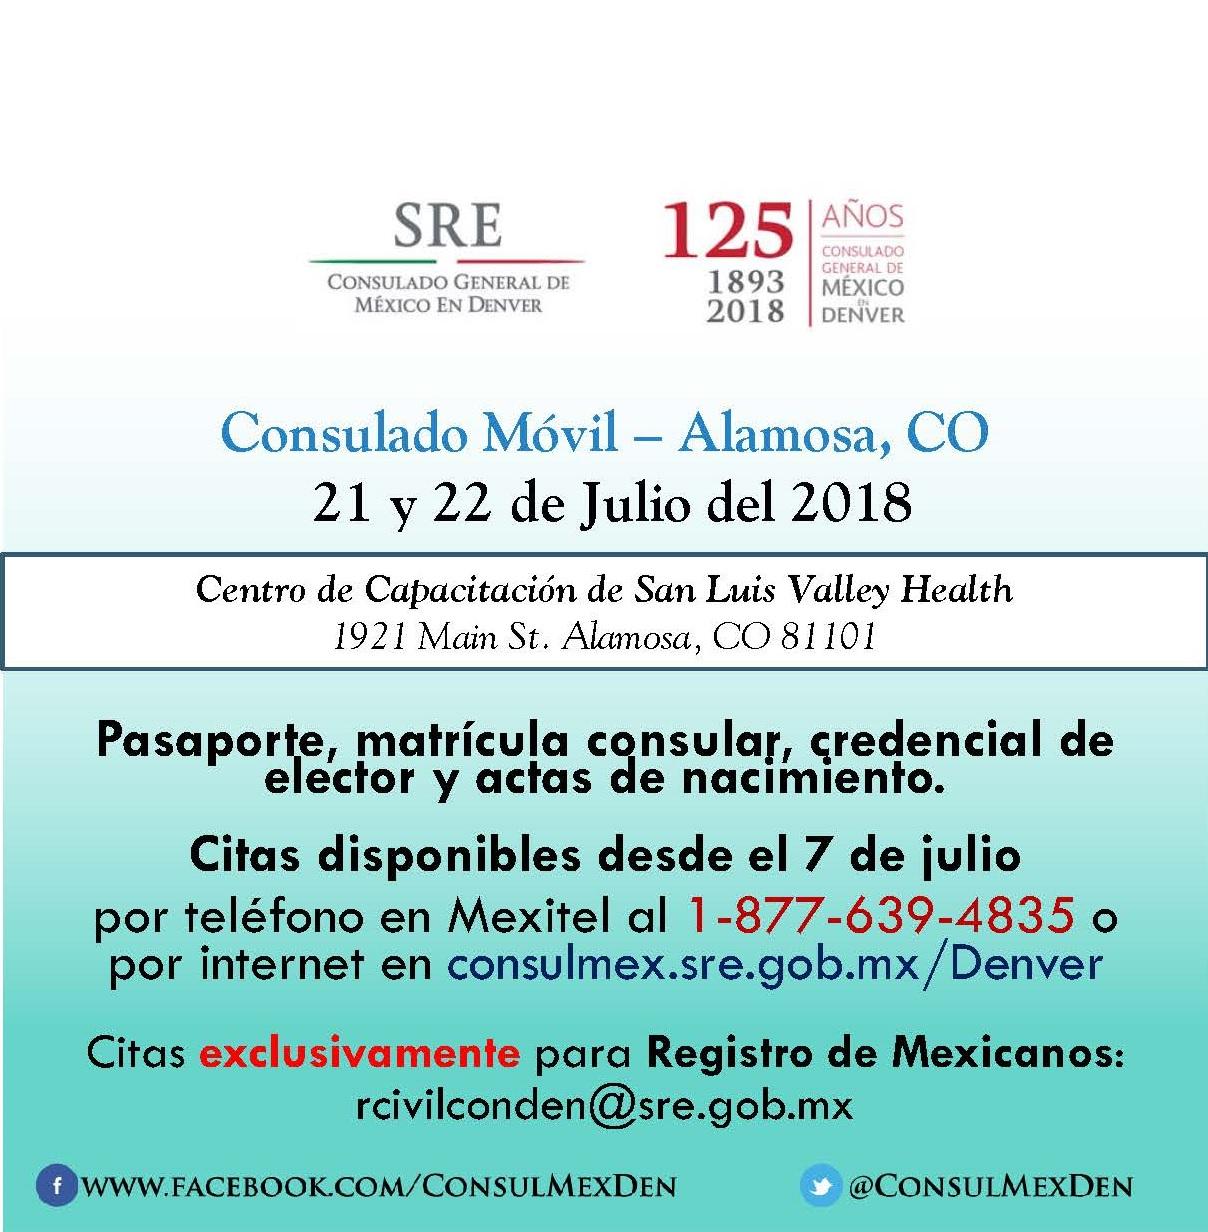 Encantador Actas De Nacimiento Colorado Modelo - Certificado Actas ...